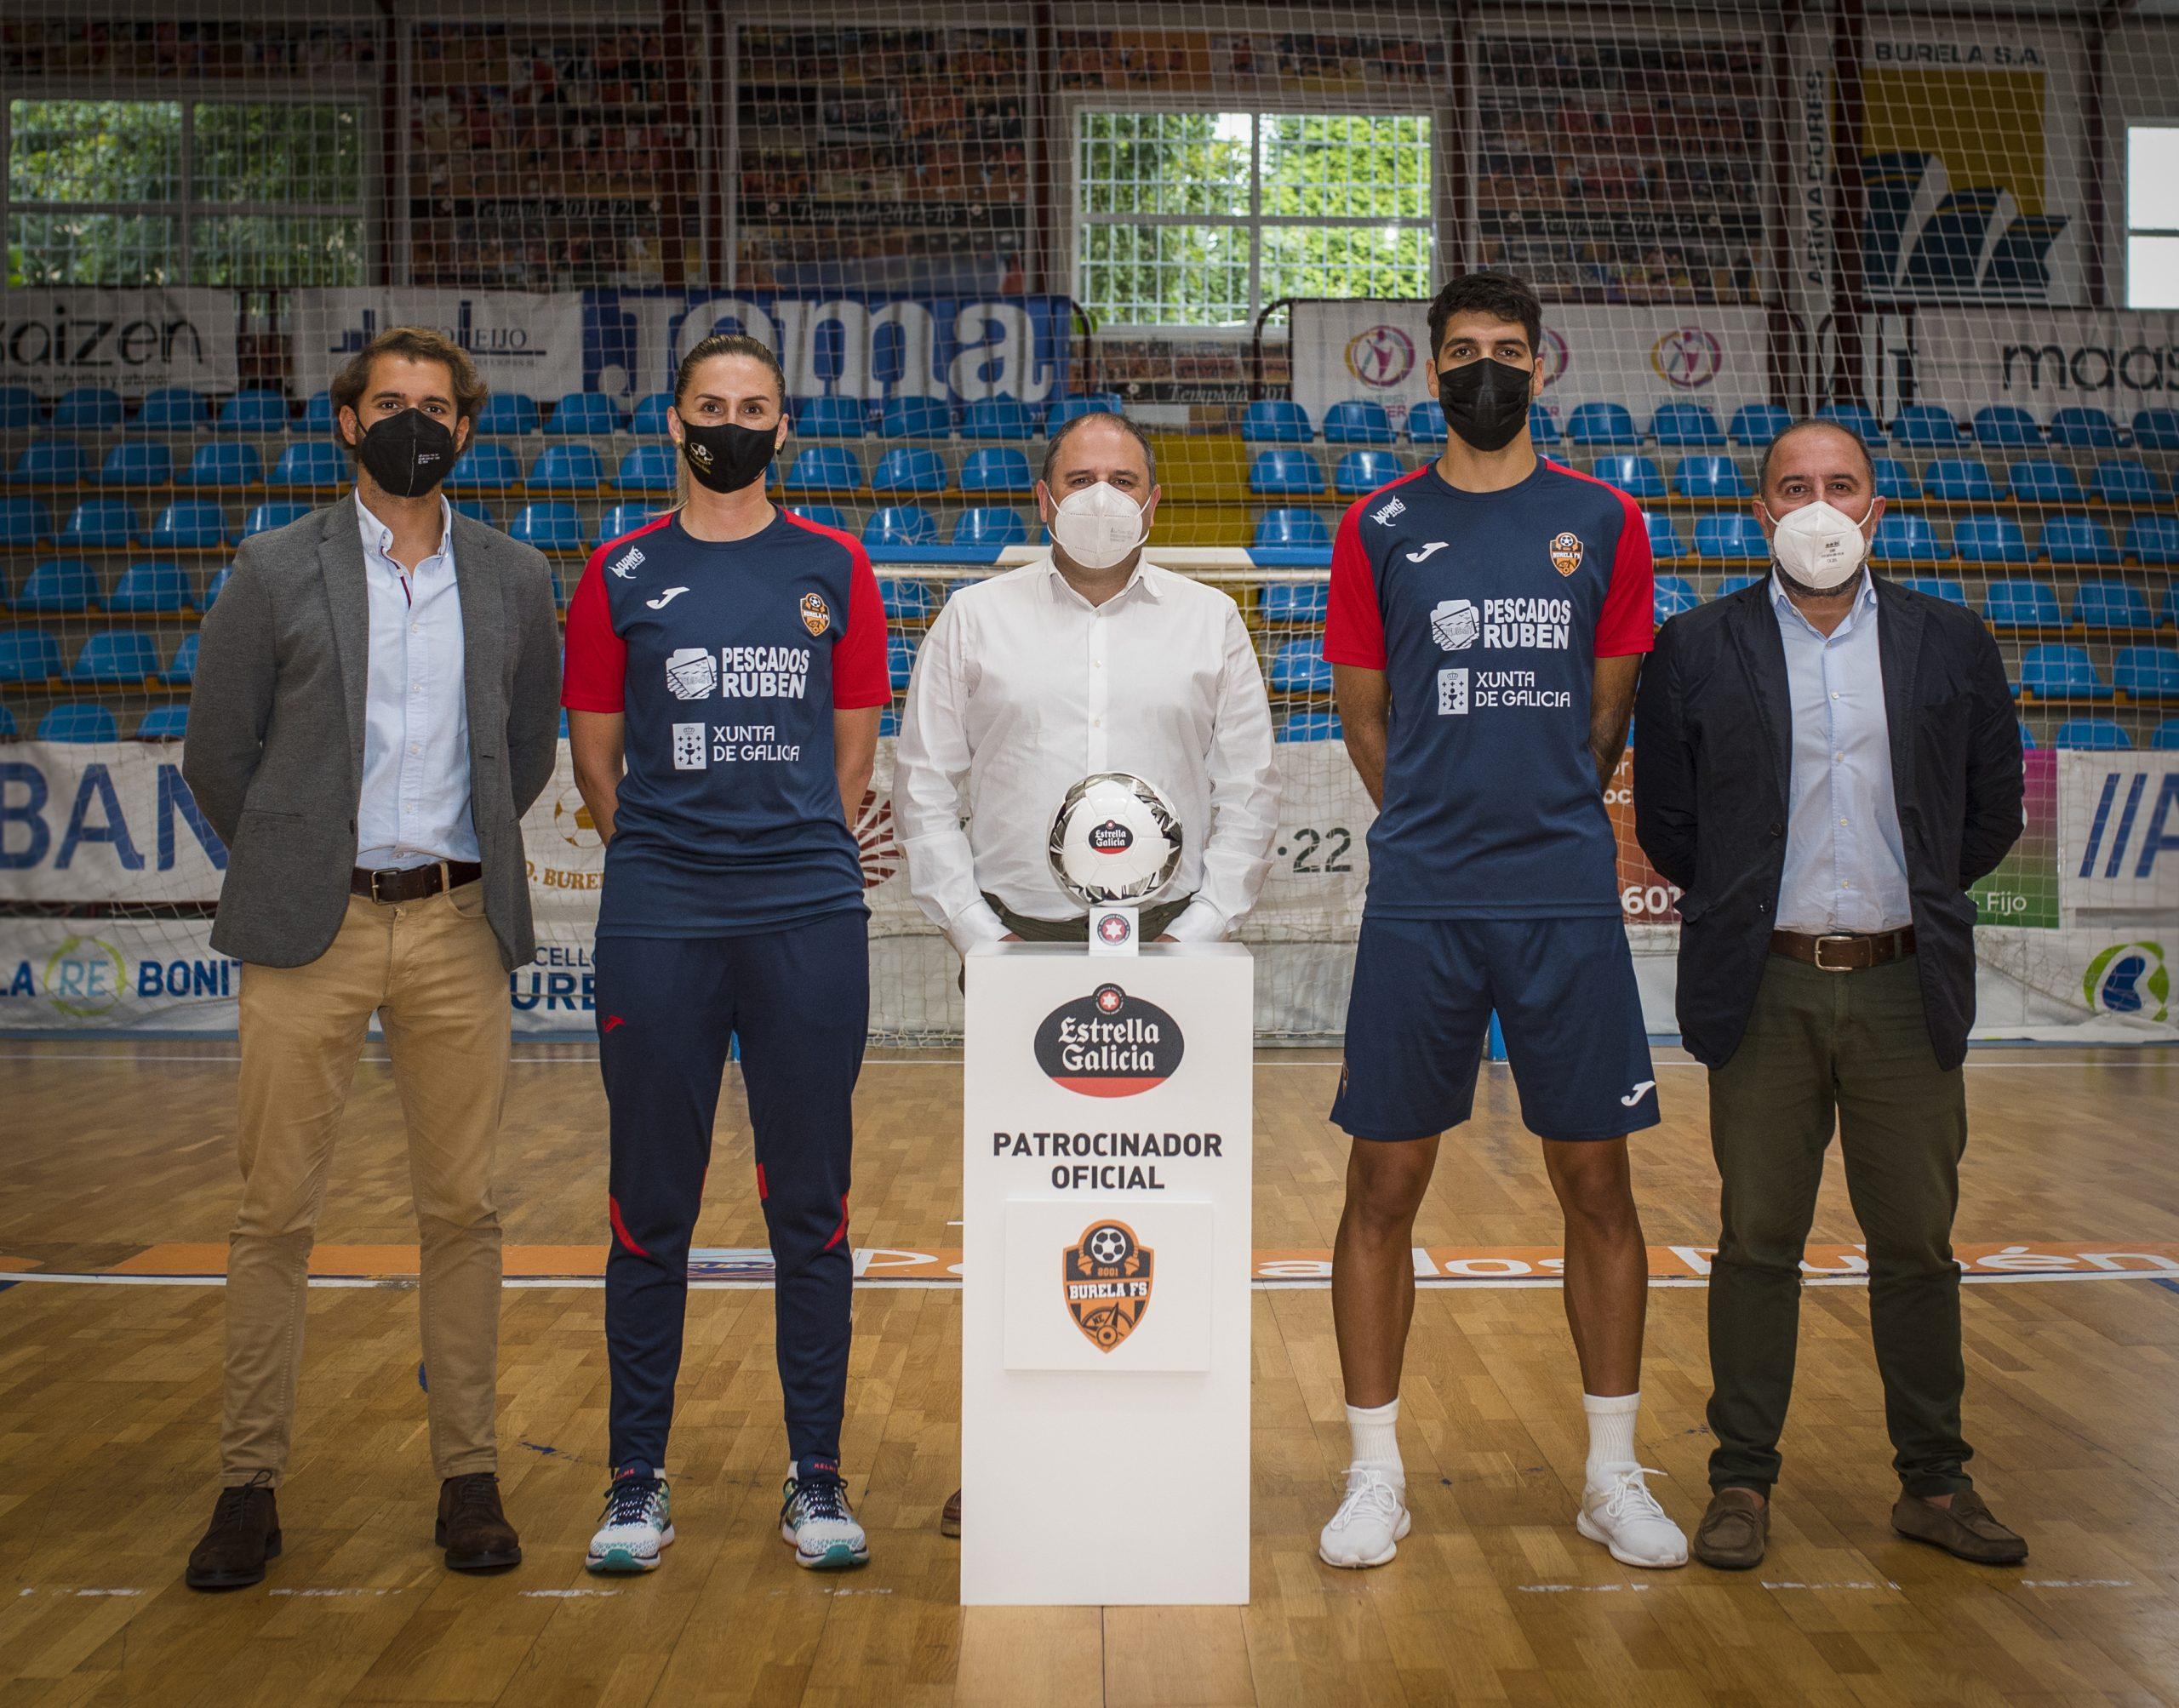 Estrella Galicia novo patrocinador do Burela FS